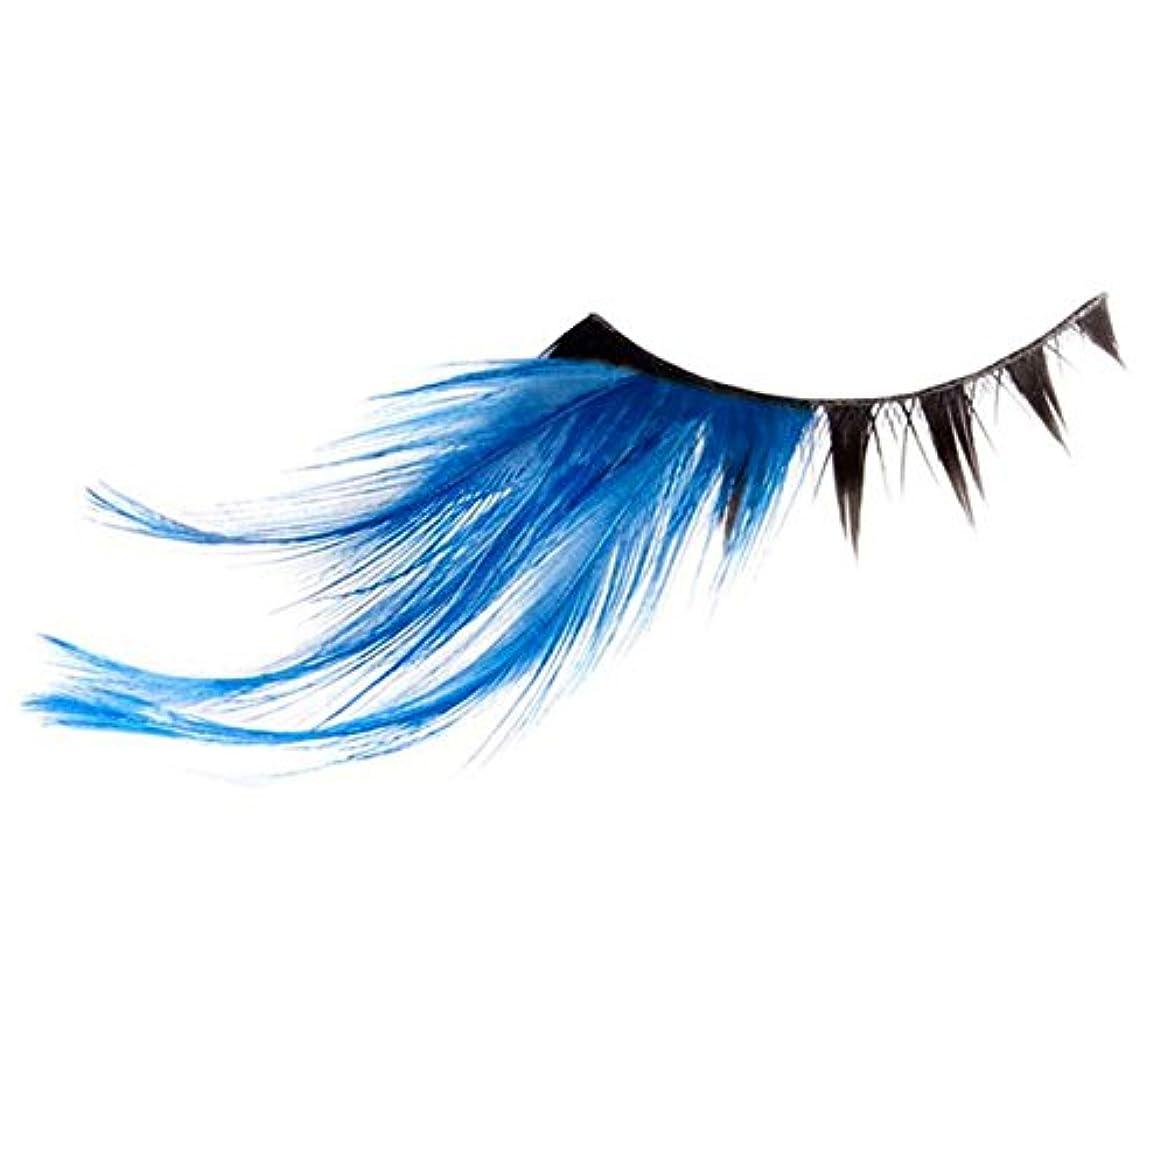 侵略歩き回る助けになるつけまつげ 羽つき フェザー付き グラマラスラッシュ ピンク ブルー ブラック アメリカ輸入 (ブルー)